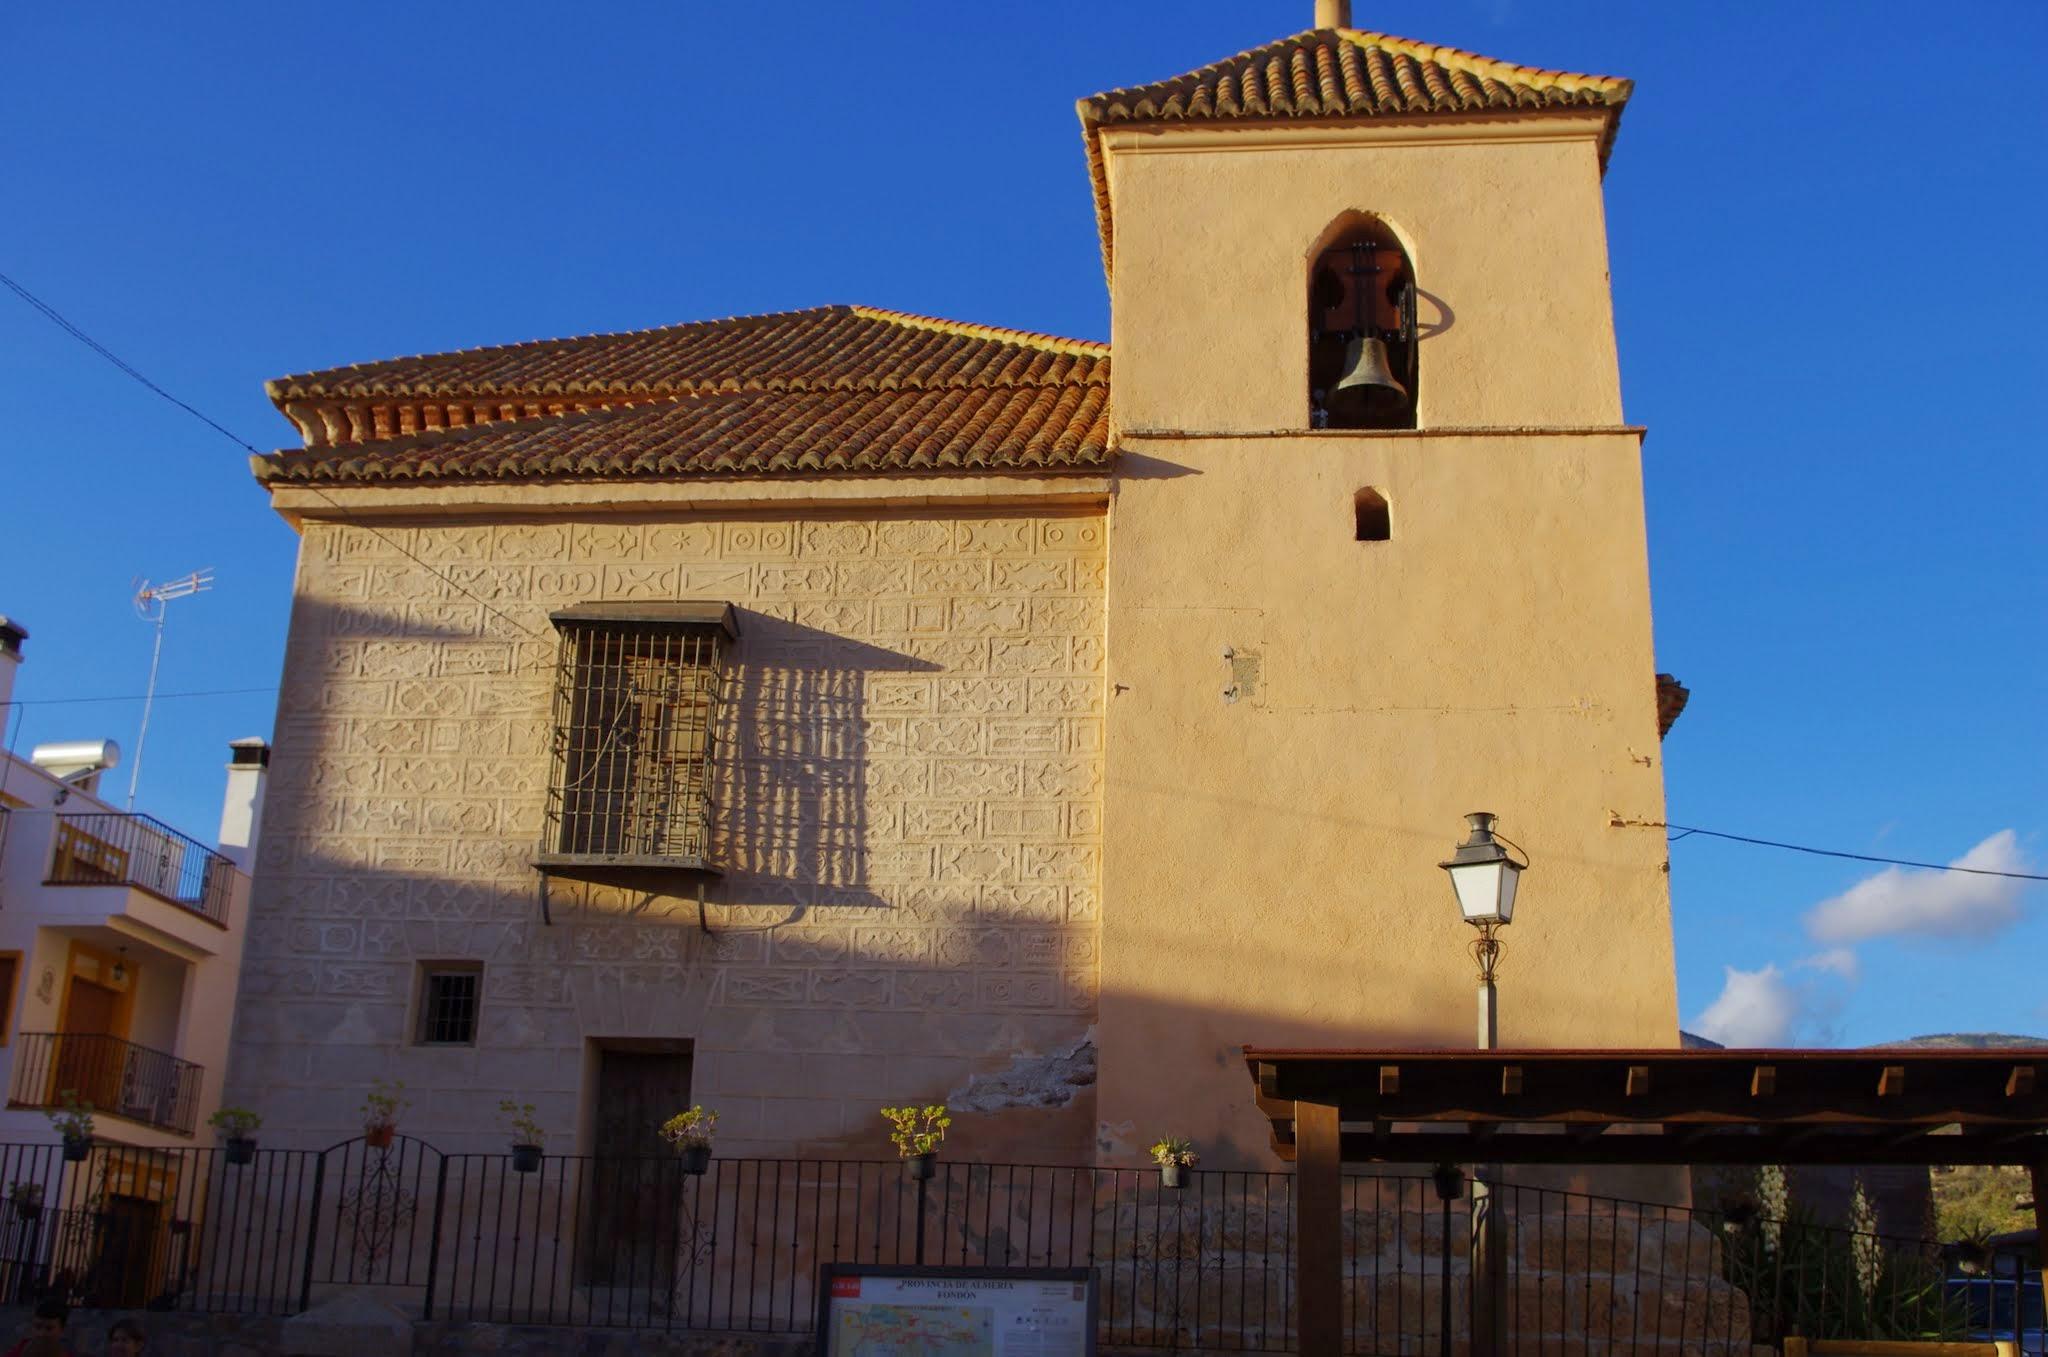 Iglesia de Bencid. Fondón © Fotografía José Ángel Fernández